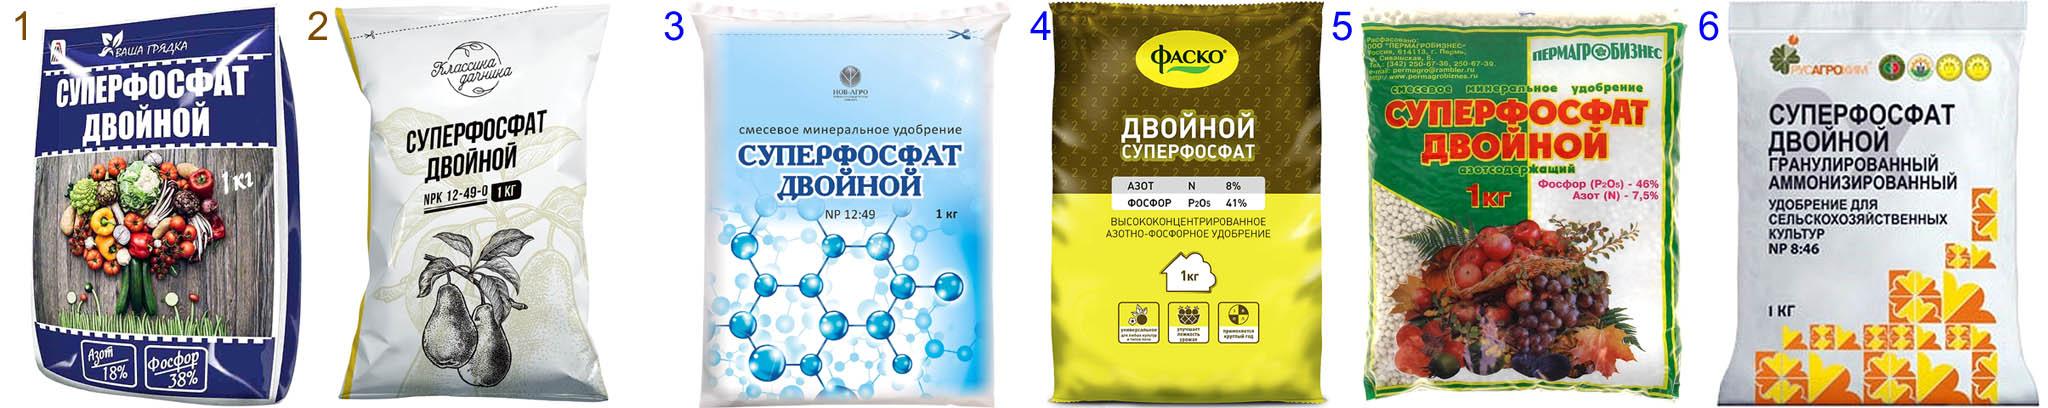 Аммонизированный двойной суперфосфат для дач и ЛПХ